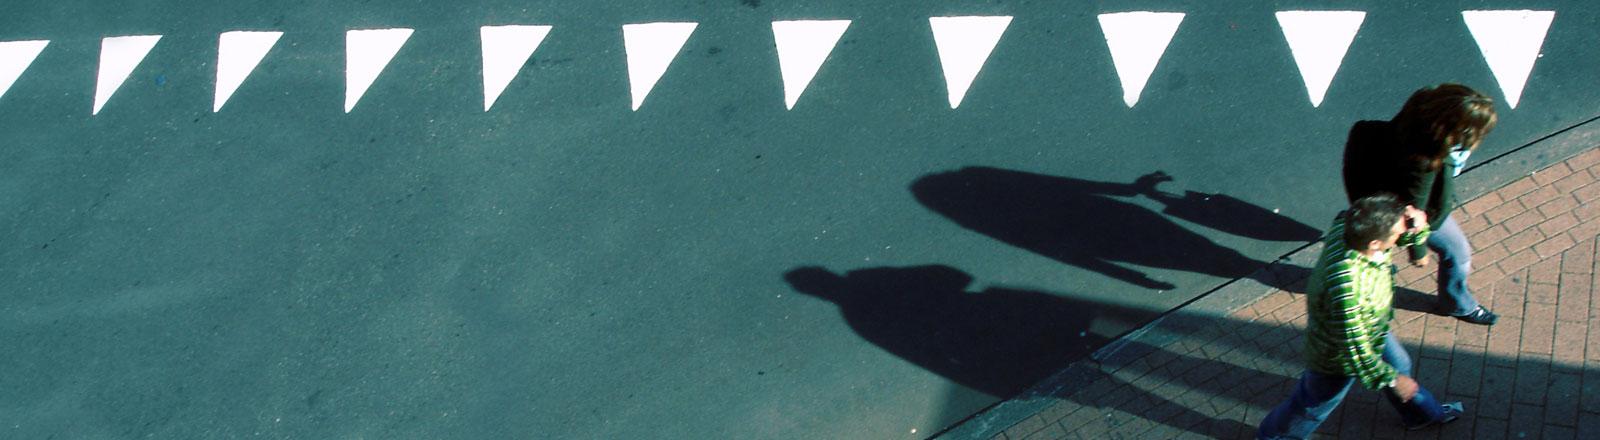 Ein Paar geht an einer Markierung aus Dreiecken vorbei.